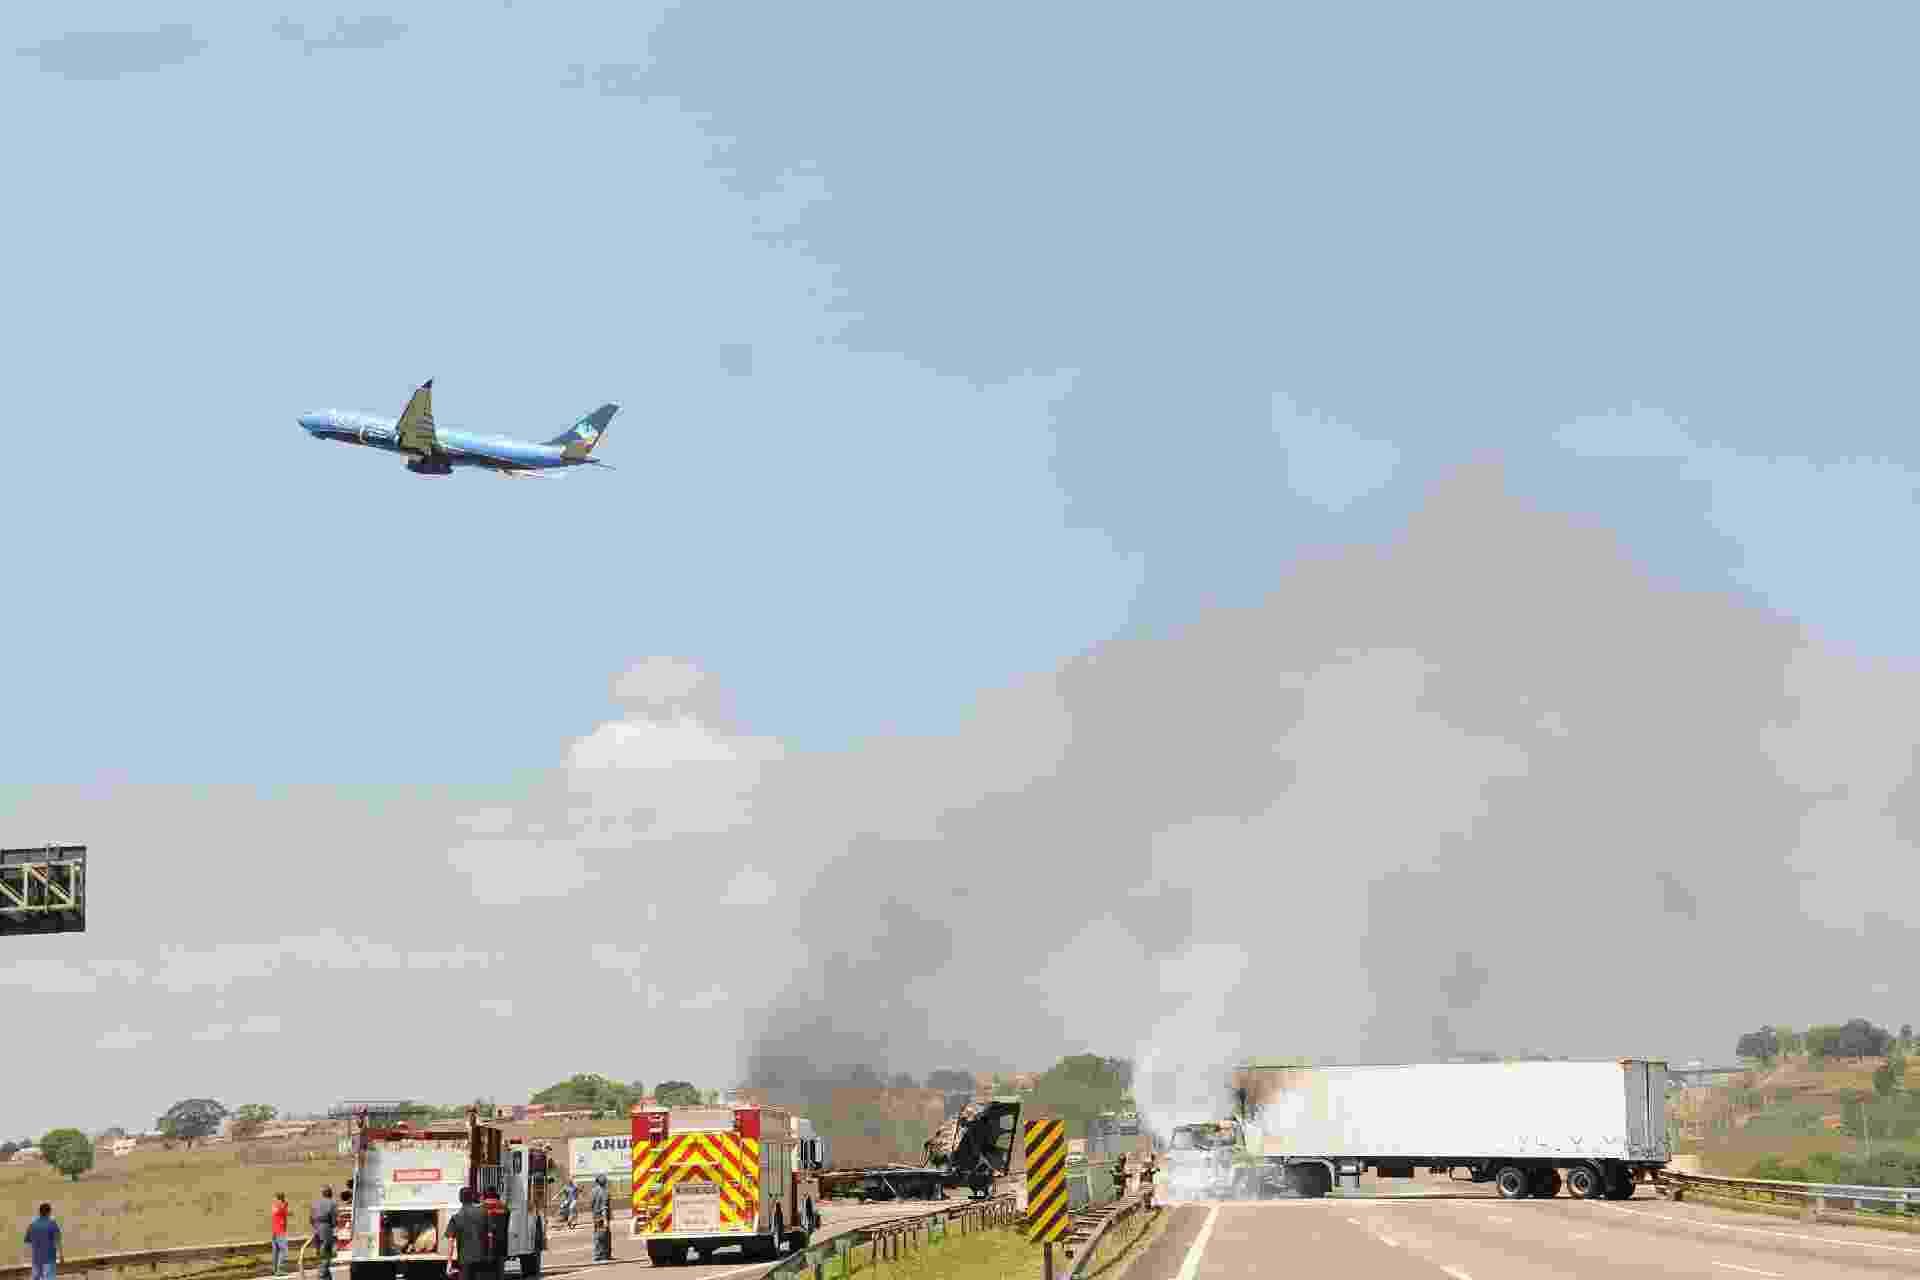 17.out.2019 - Rodovia Santos Dumont tem trânsito carregado após ser fechado por caminhão queimado pelos criminosos que tentavam assaltar empresa de valores no Aeroporto de Viracopos, em Campinas (SP) - WAGNER SOUZA/FUTURA PRESS/ESTADÃO CONTEÚDO